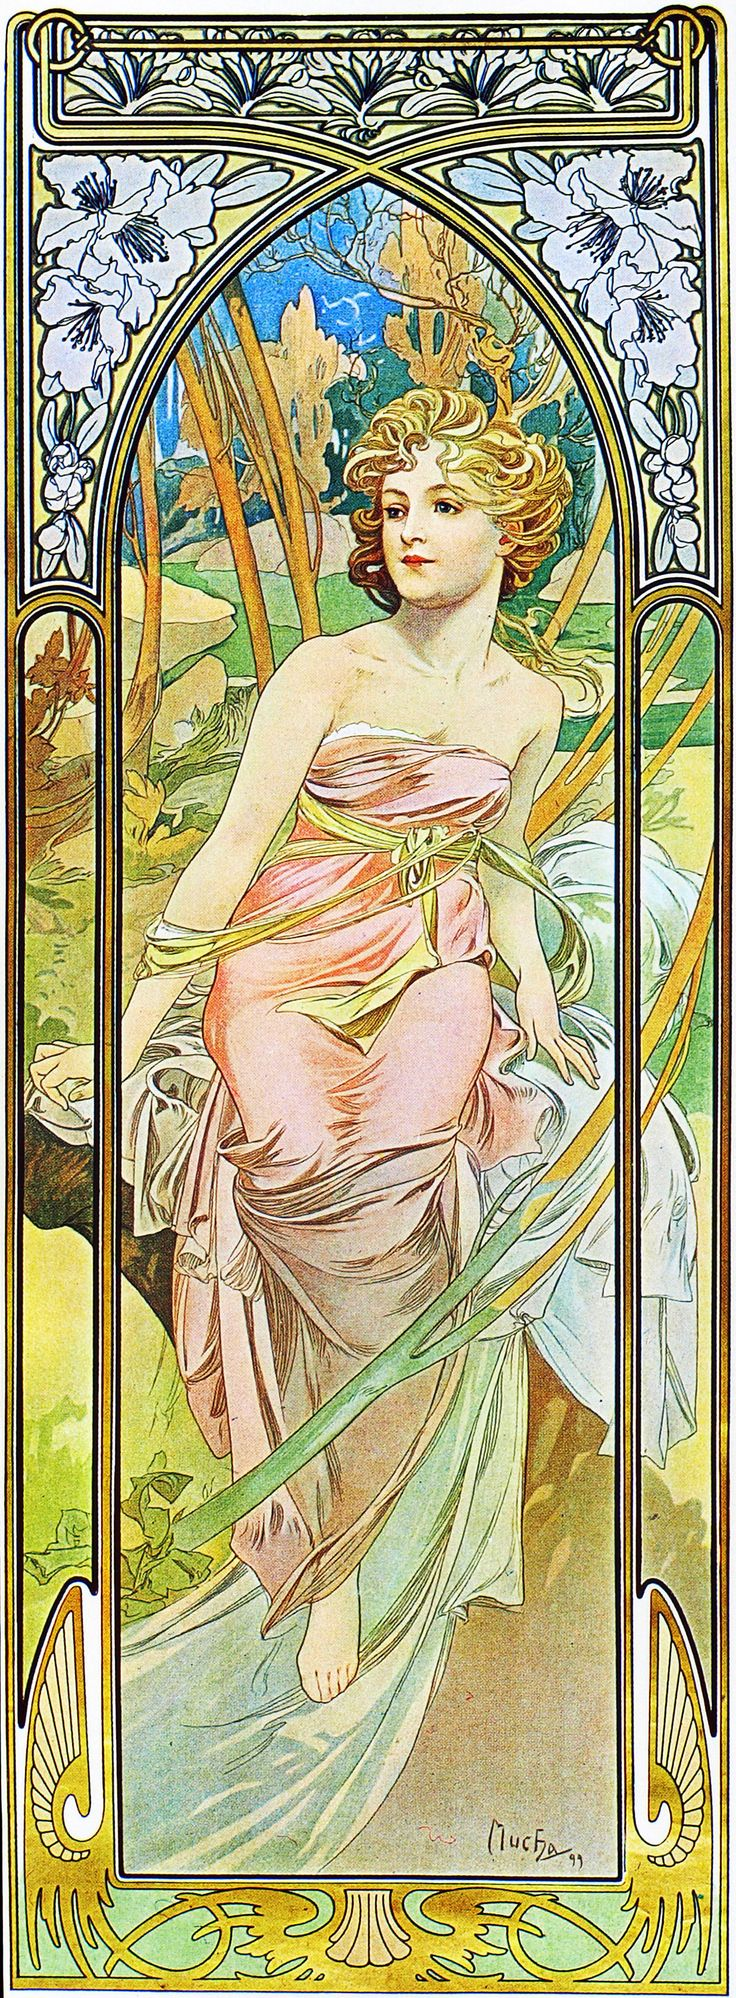 Альфонс Муха - Иллюстрации art nouveau | Contenton - Информационный иллюстрированный интернет-журнал